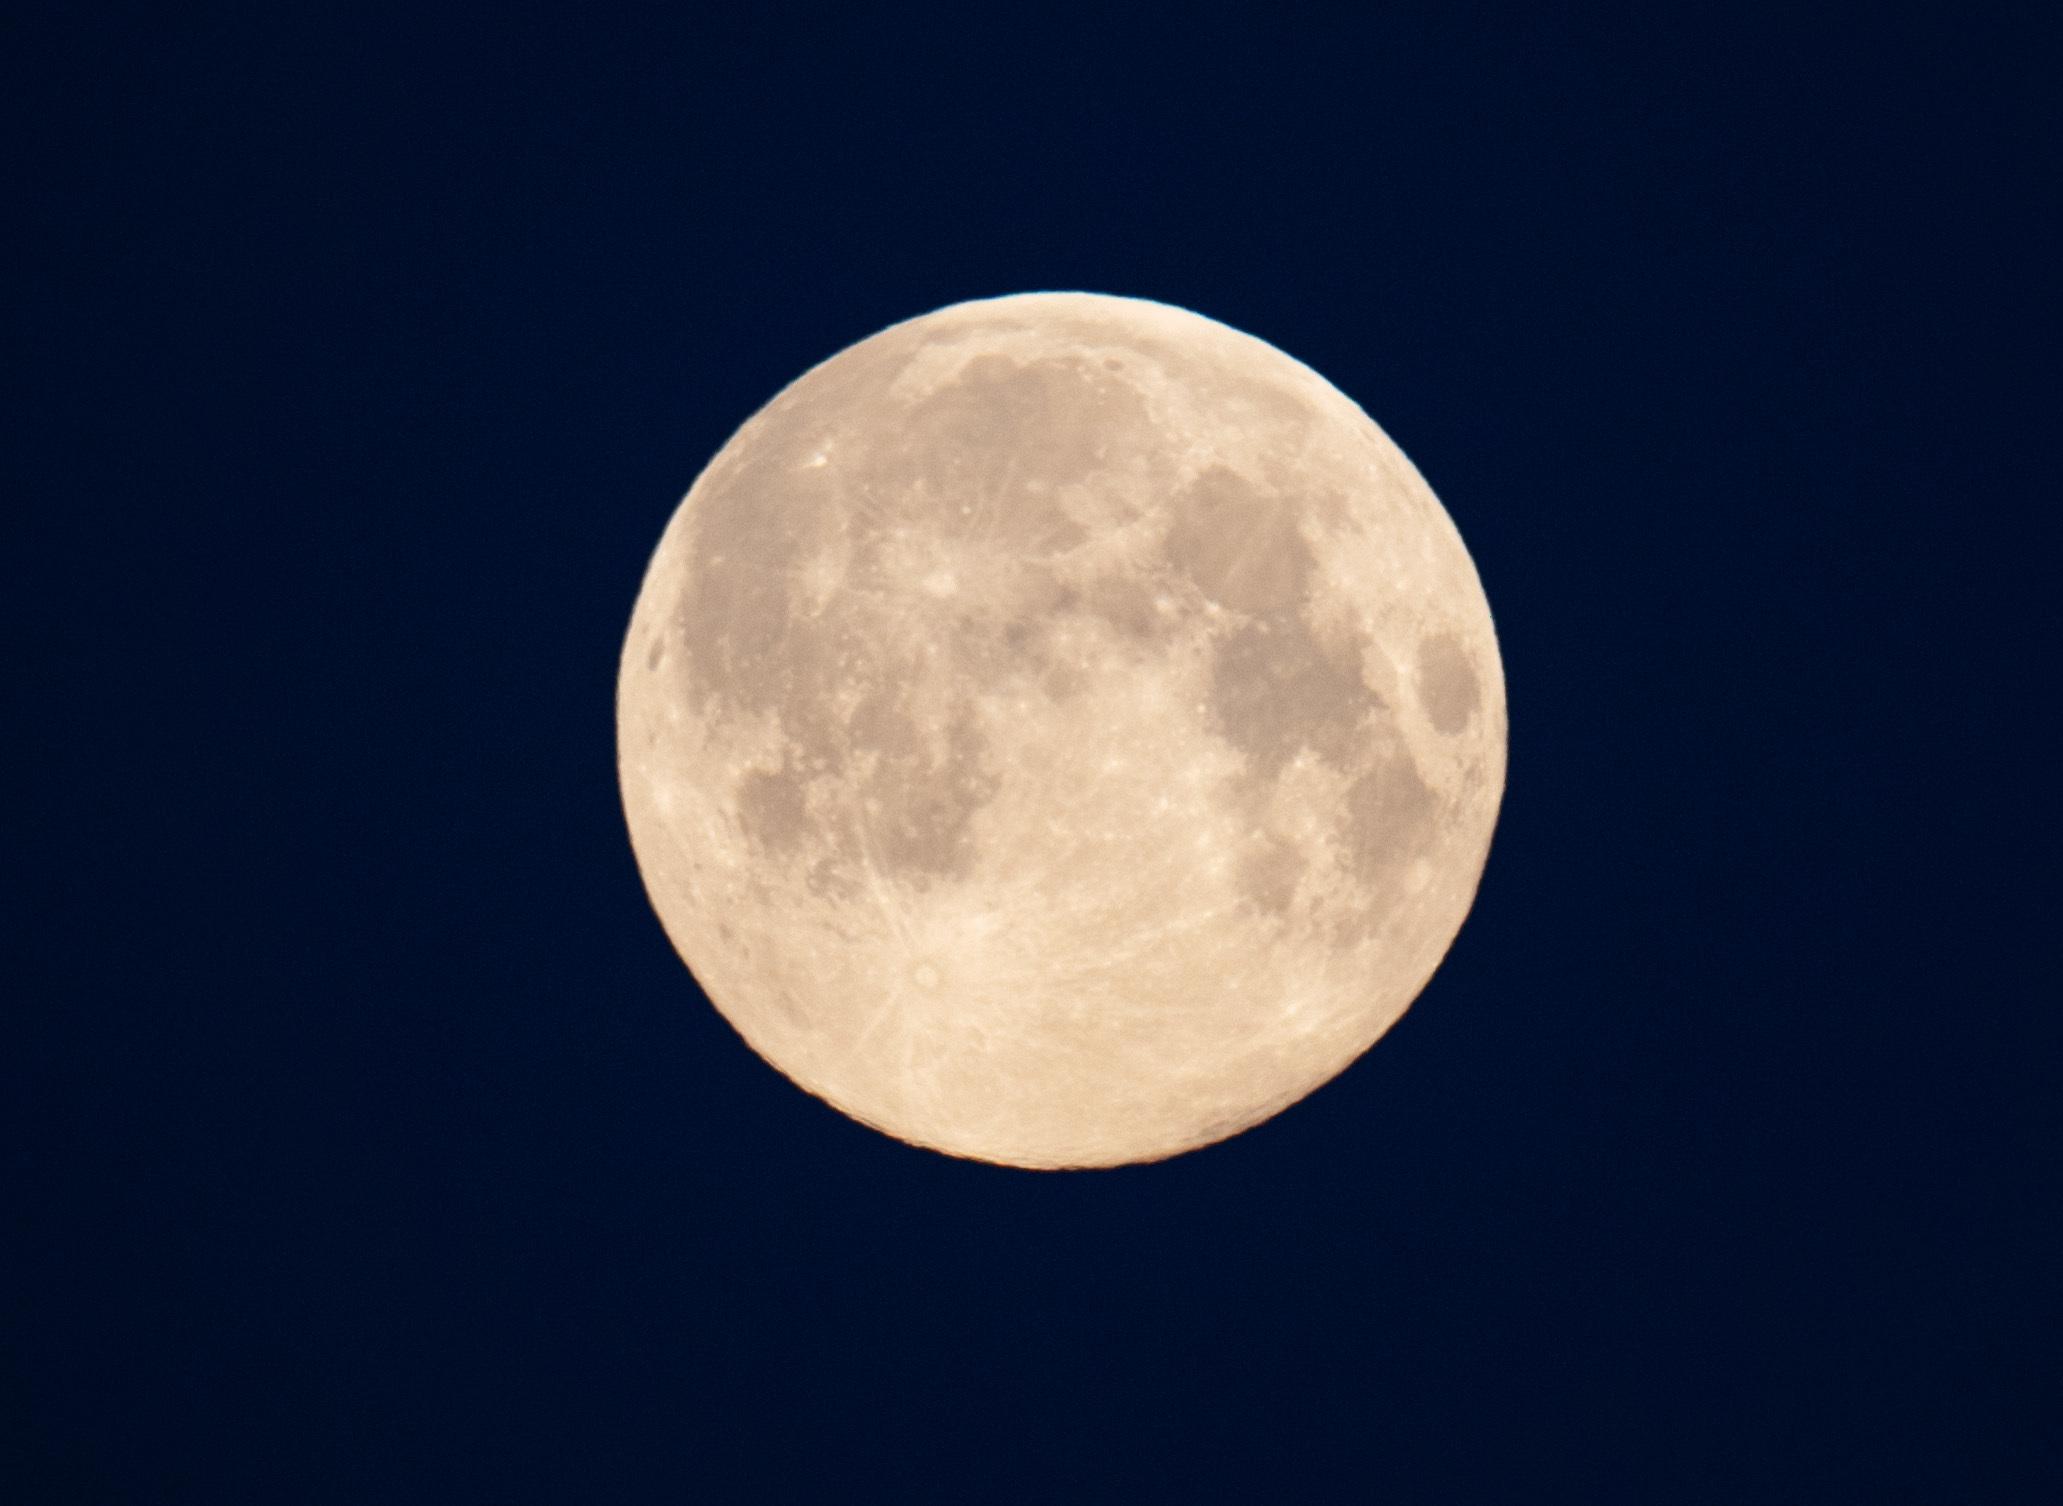 NASA mit bedeutender Mond-Entdeckung - zentrale Bedeutung für Zukunft im Universum